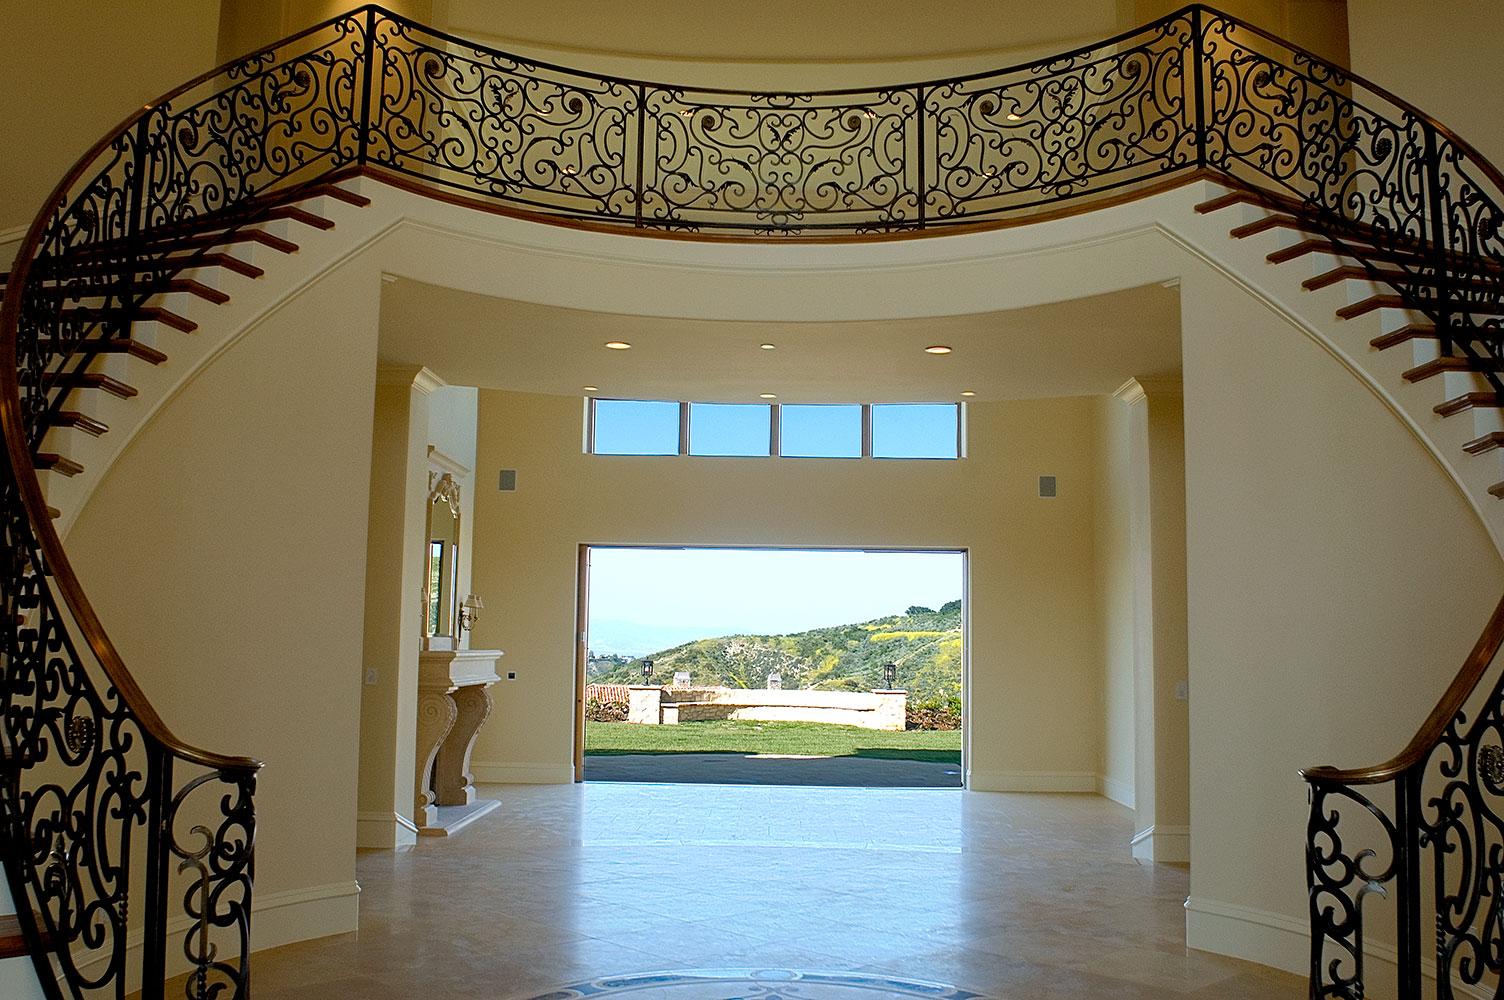 Prado_Entrance02.jpg